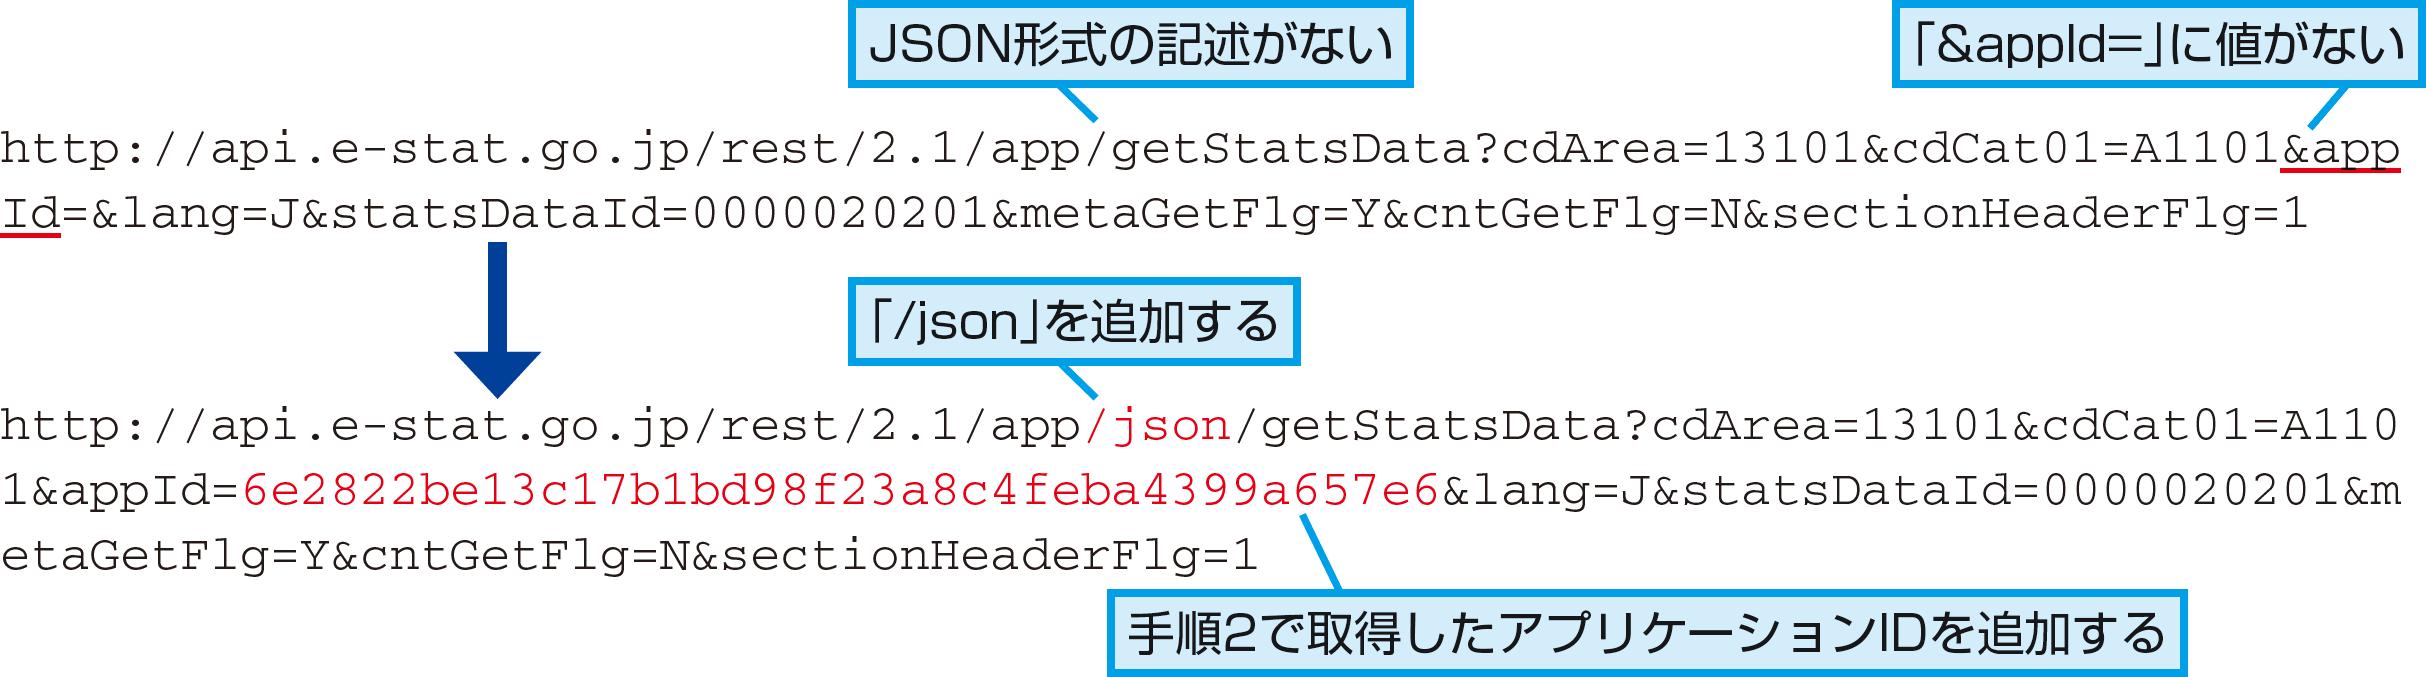 外部のWebサービスと連携させるには(REST APIとJSONの活用) - できるUiPath